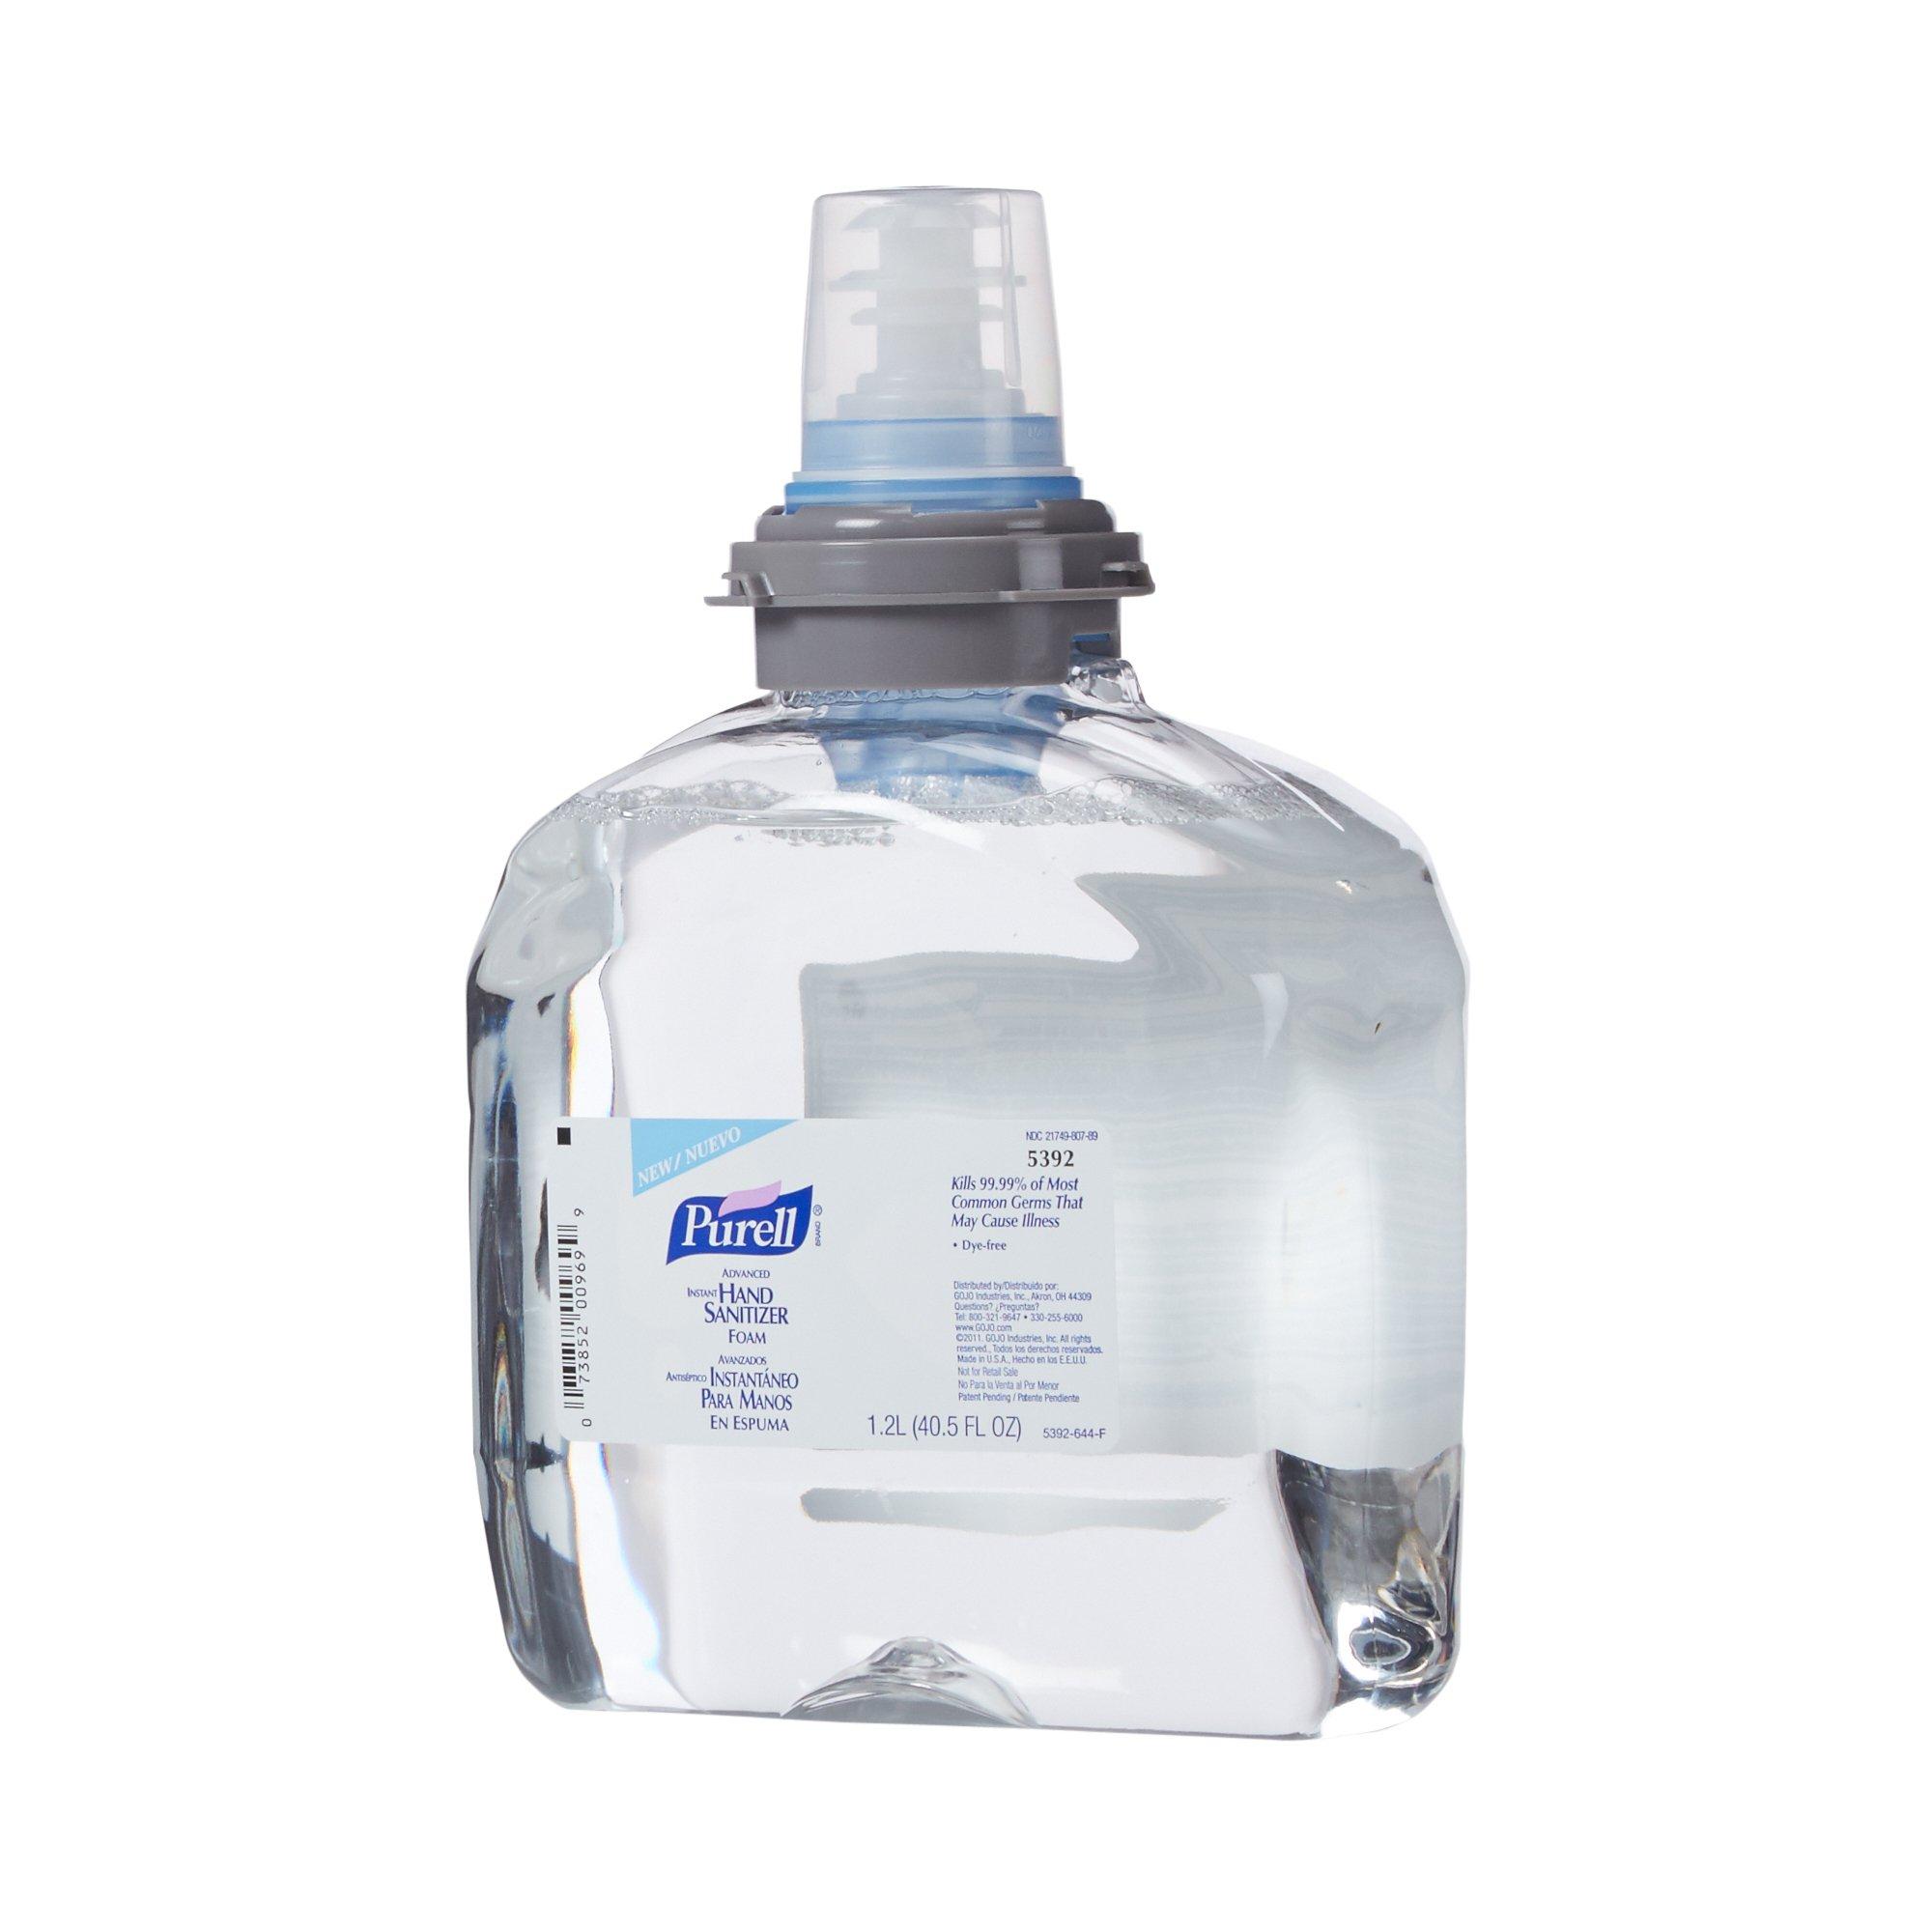 Purell Advanced Hand Sanitizer 1,200 mL Ethyl Alcohol Foaming Dispenser Refill Bottle, 5392-02 - EACH